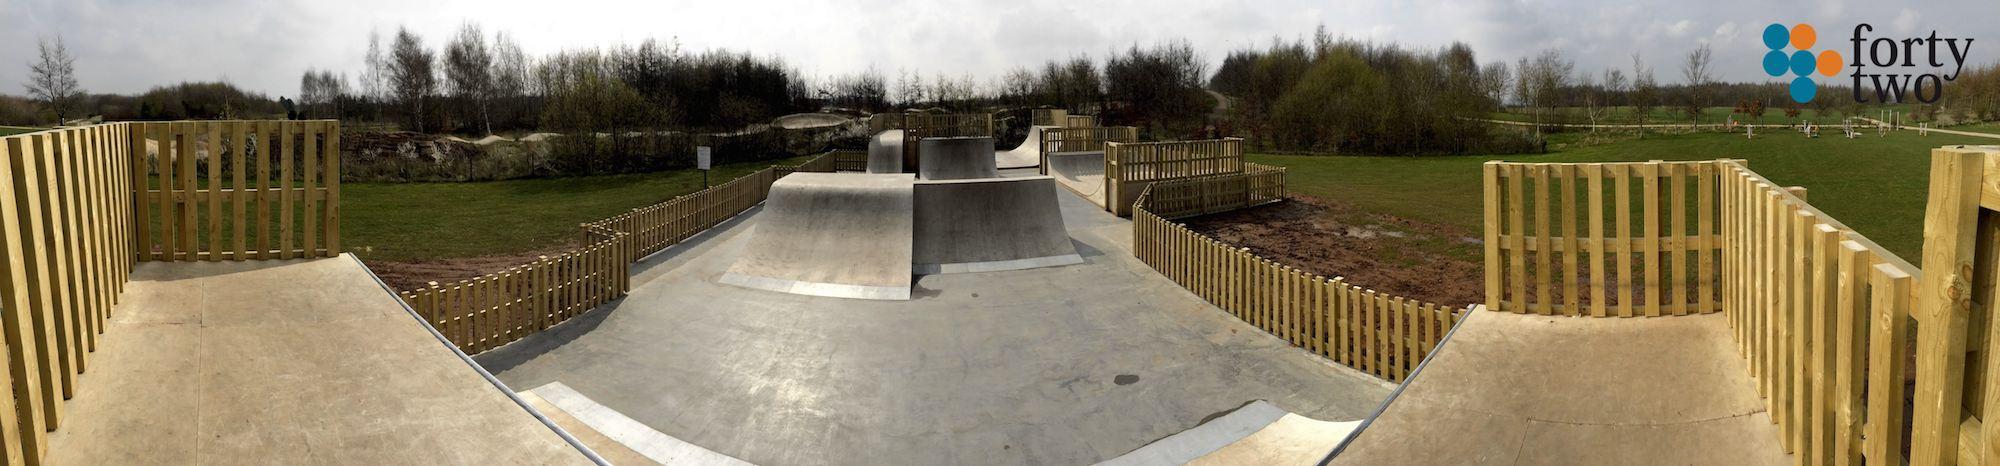 Rushcliffe Country Park Skatepark Nottingham Panarama